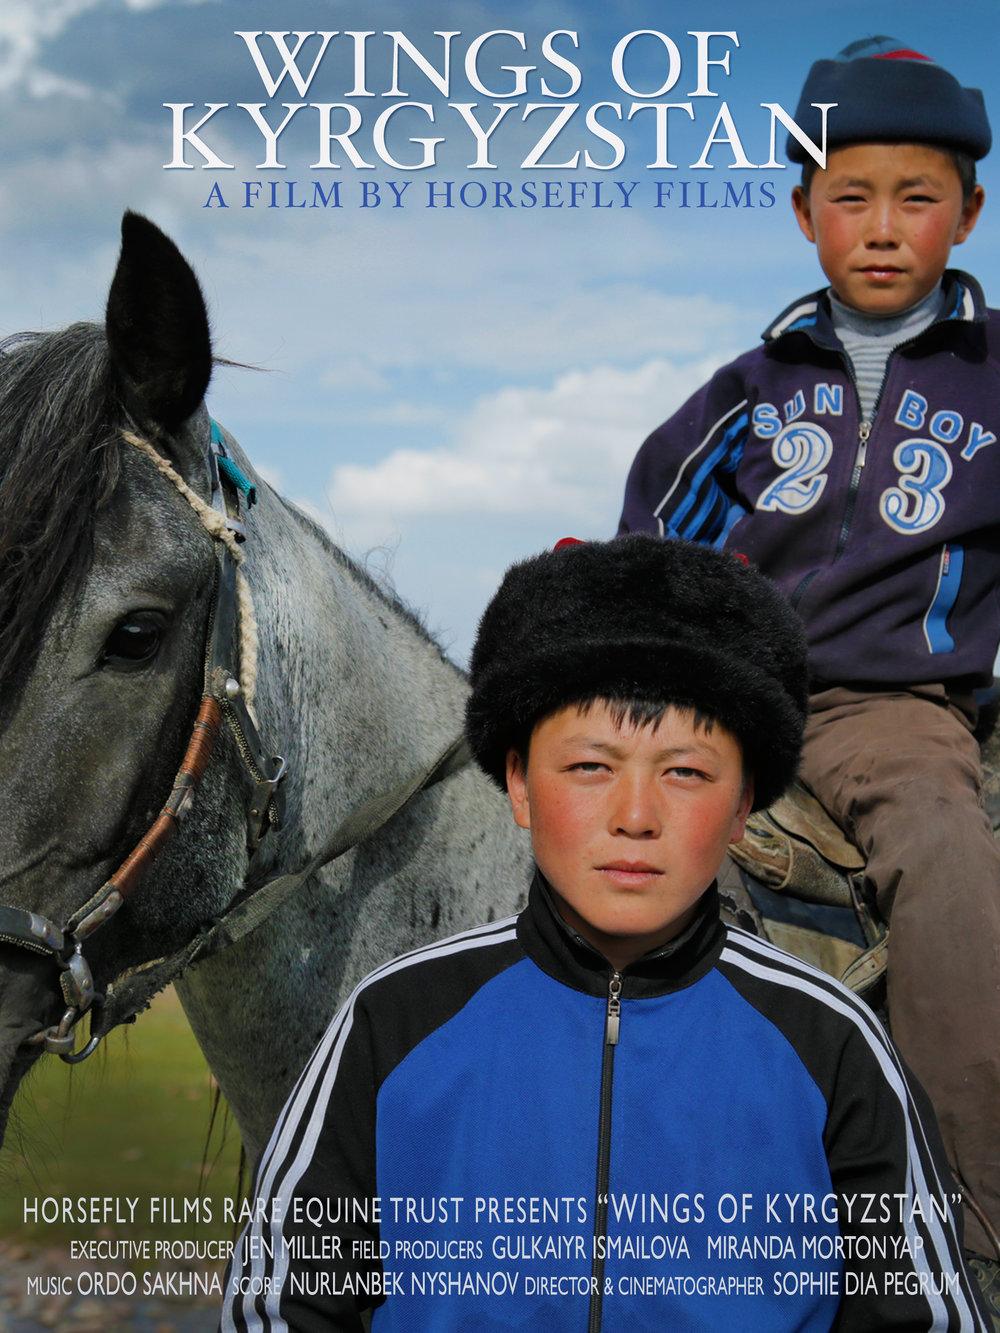 Wings of Kyrgyzstan Poster Wide.jpg